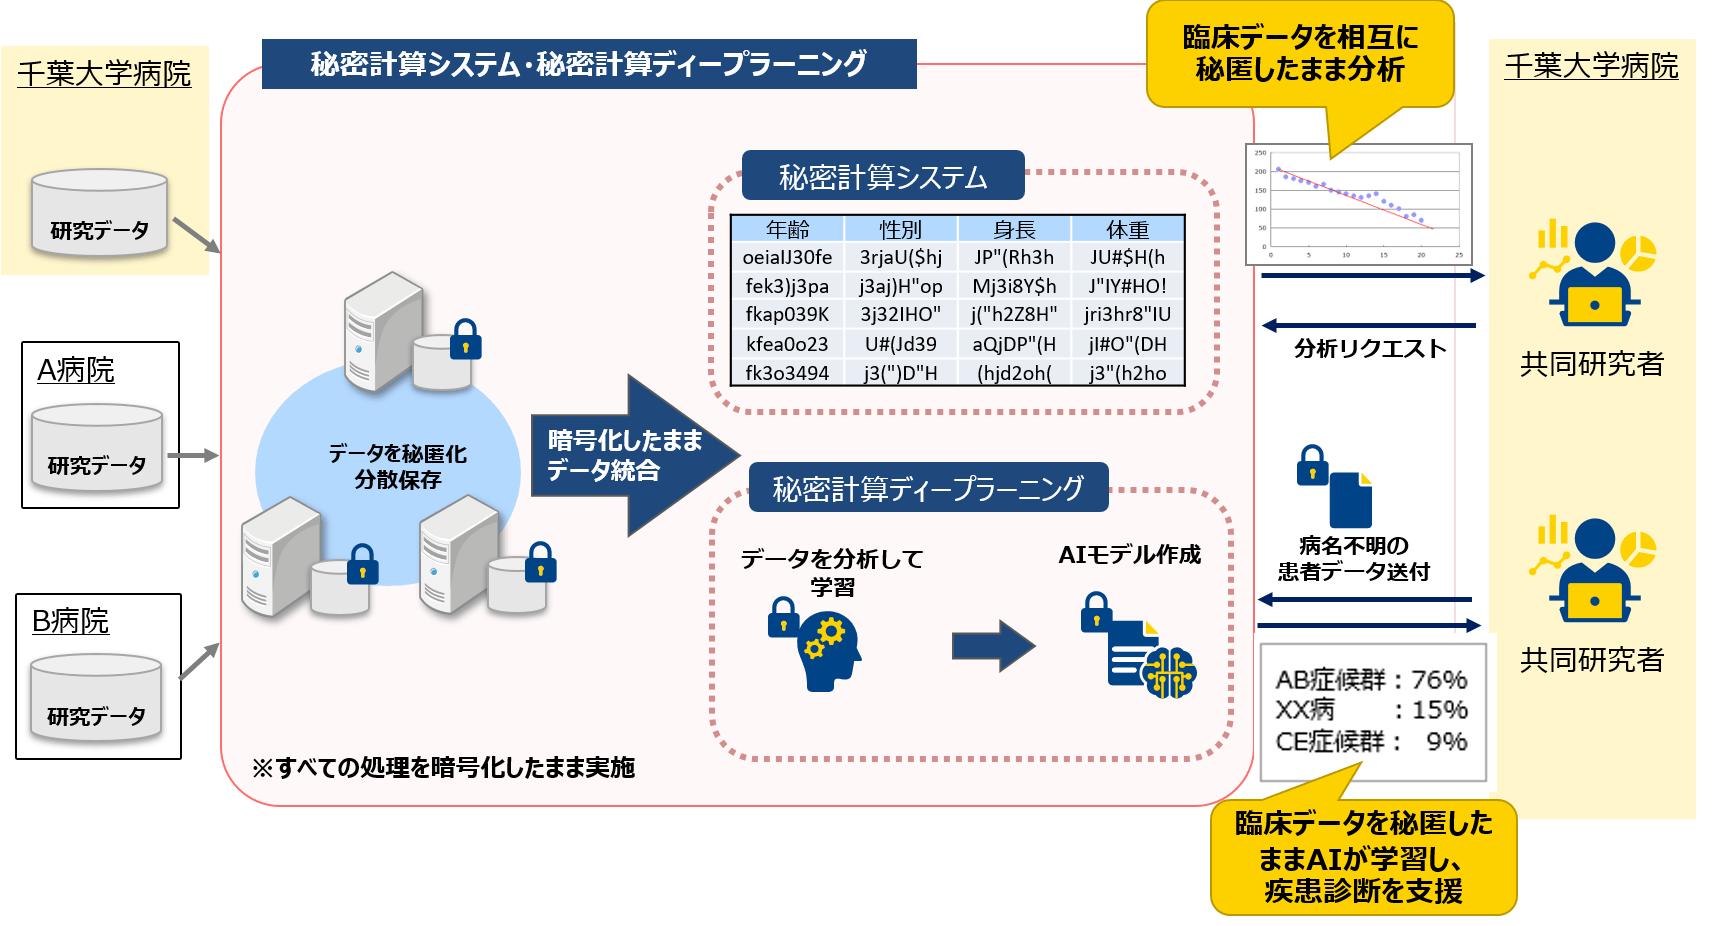 本共同研究でのシステム構成イメージ